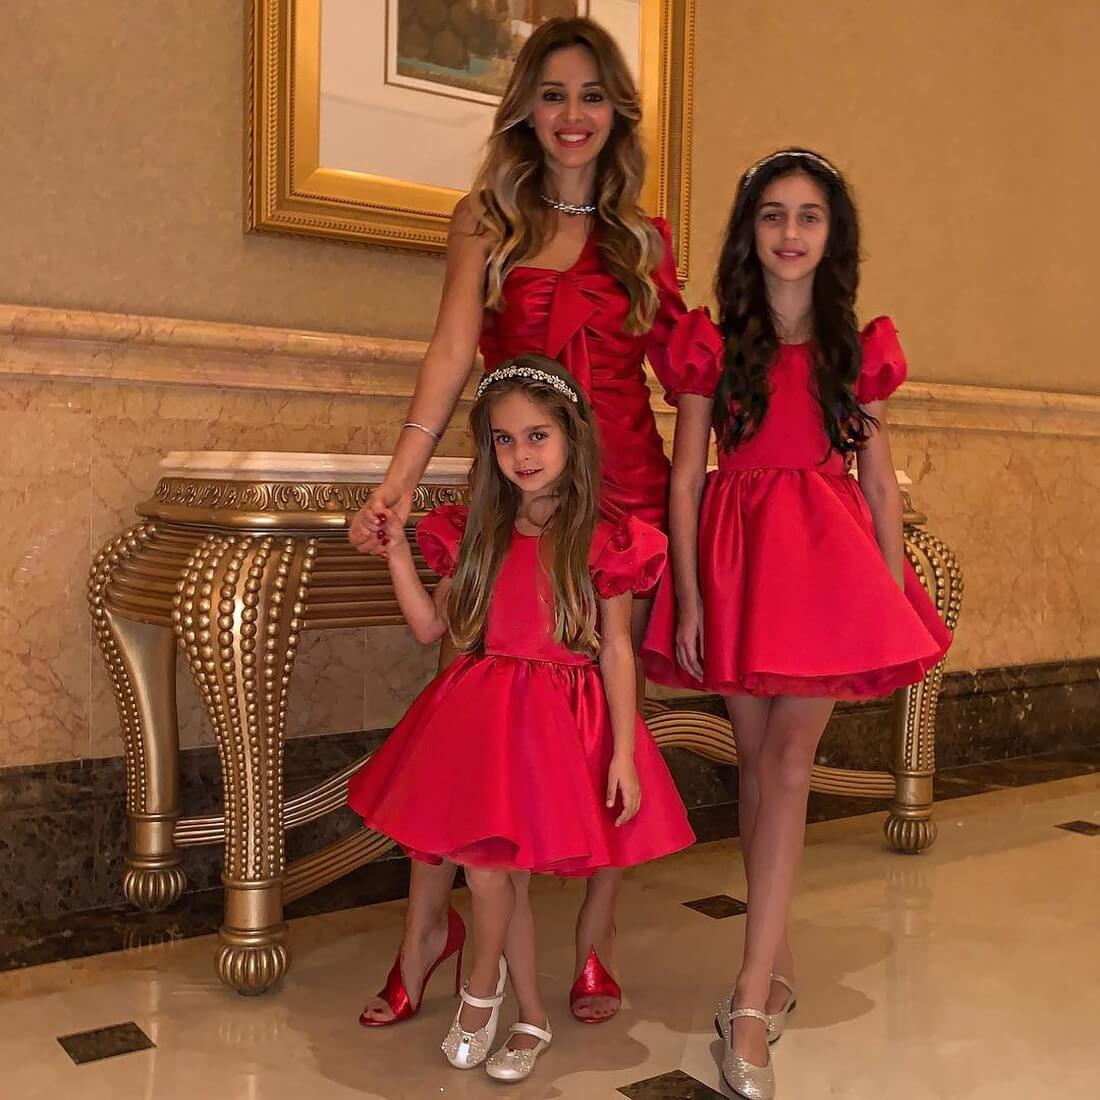 жена реввы с дочерьми